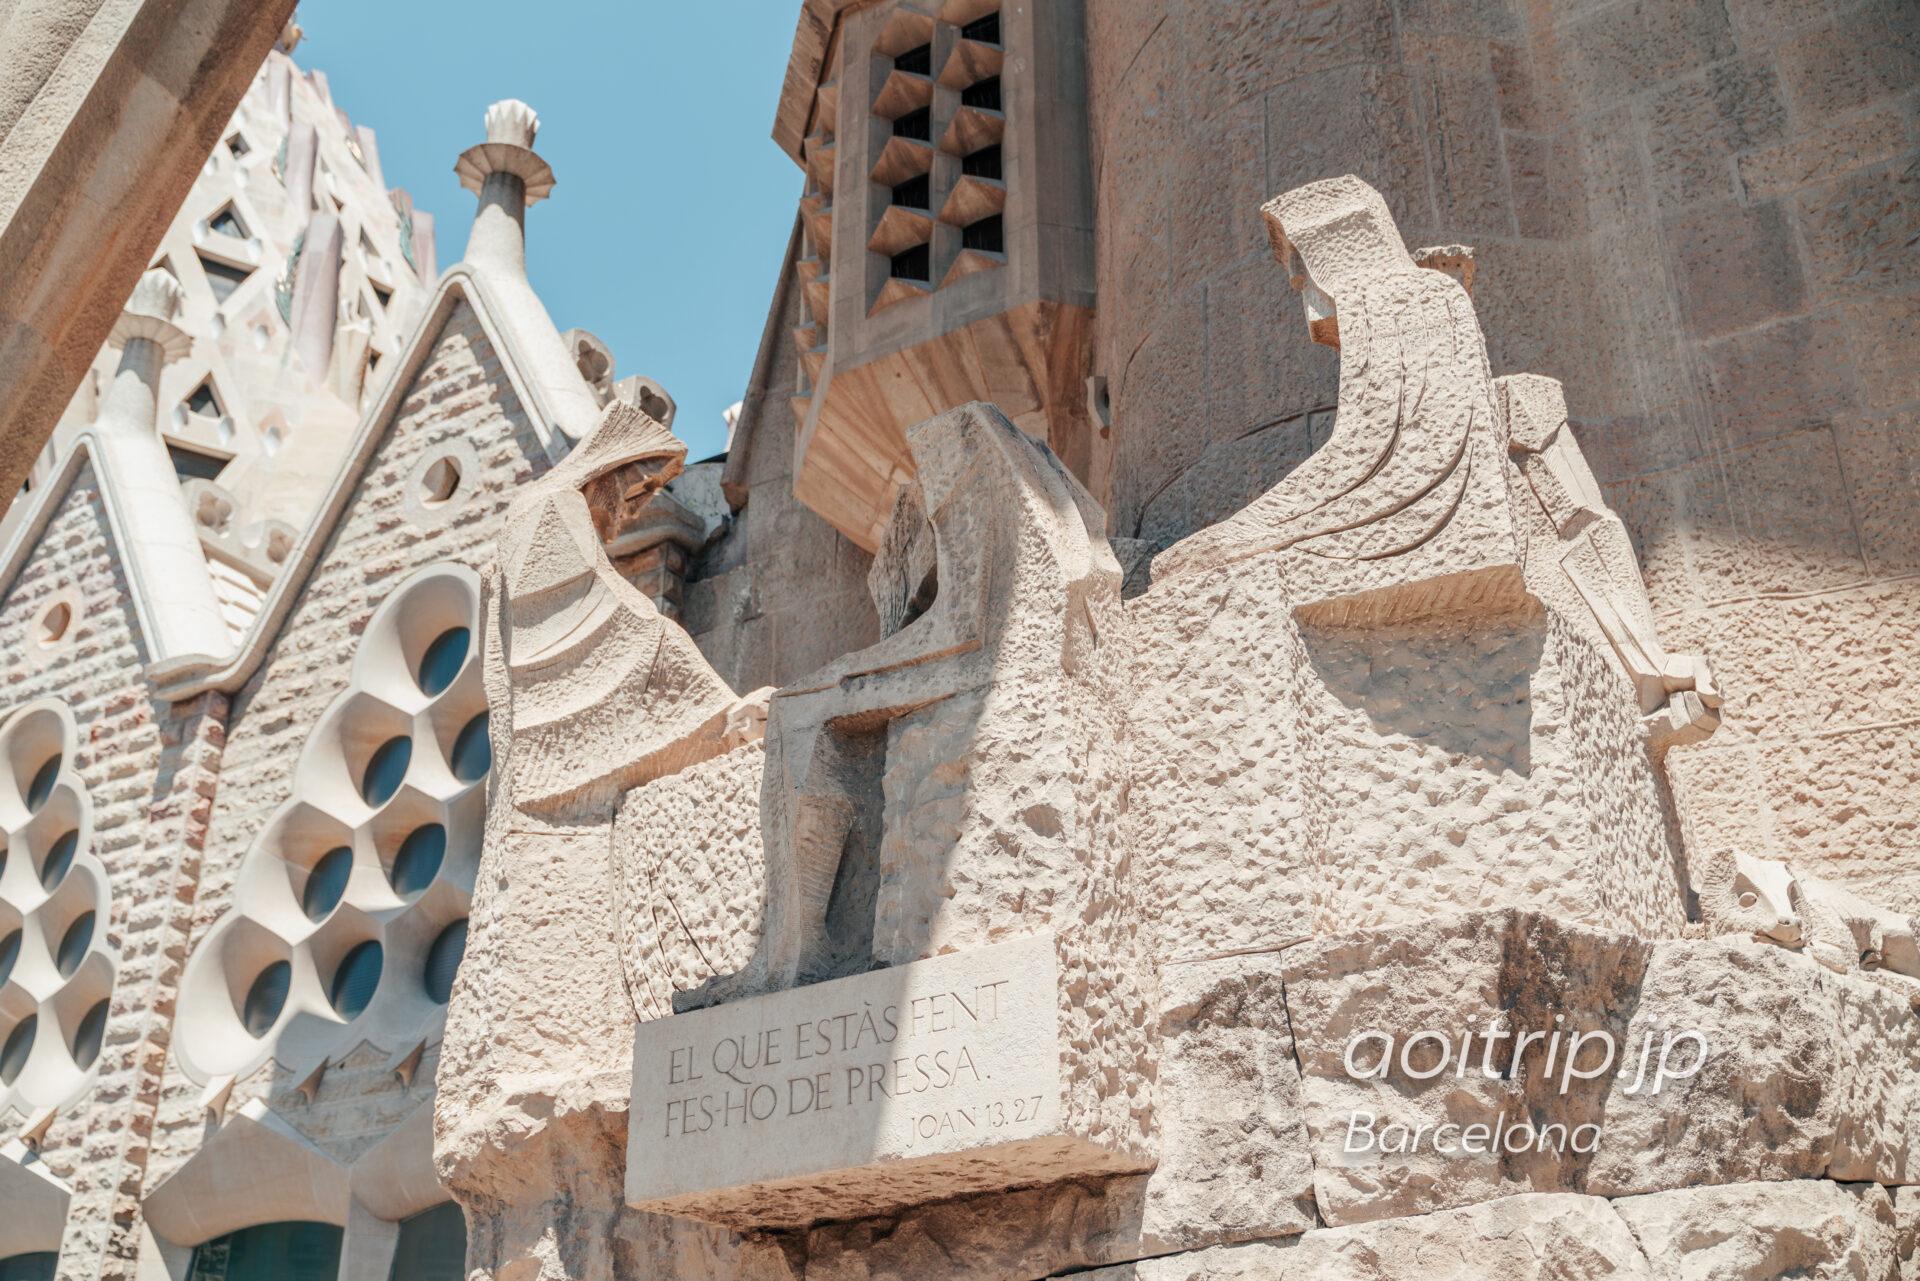 Basílica de la Sagrada Família(Façana de la Passió, The last supper)